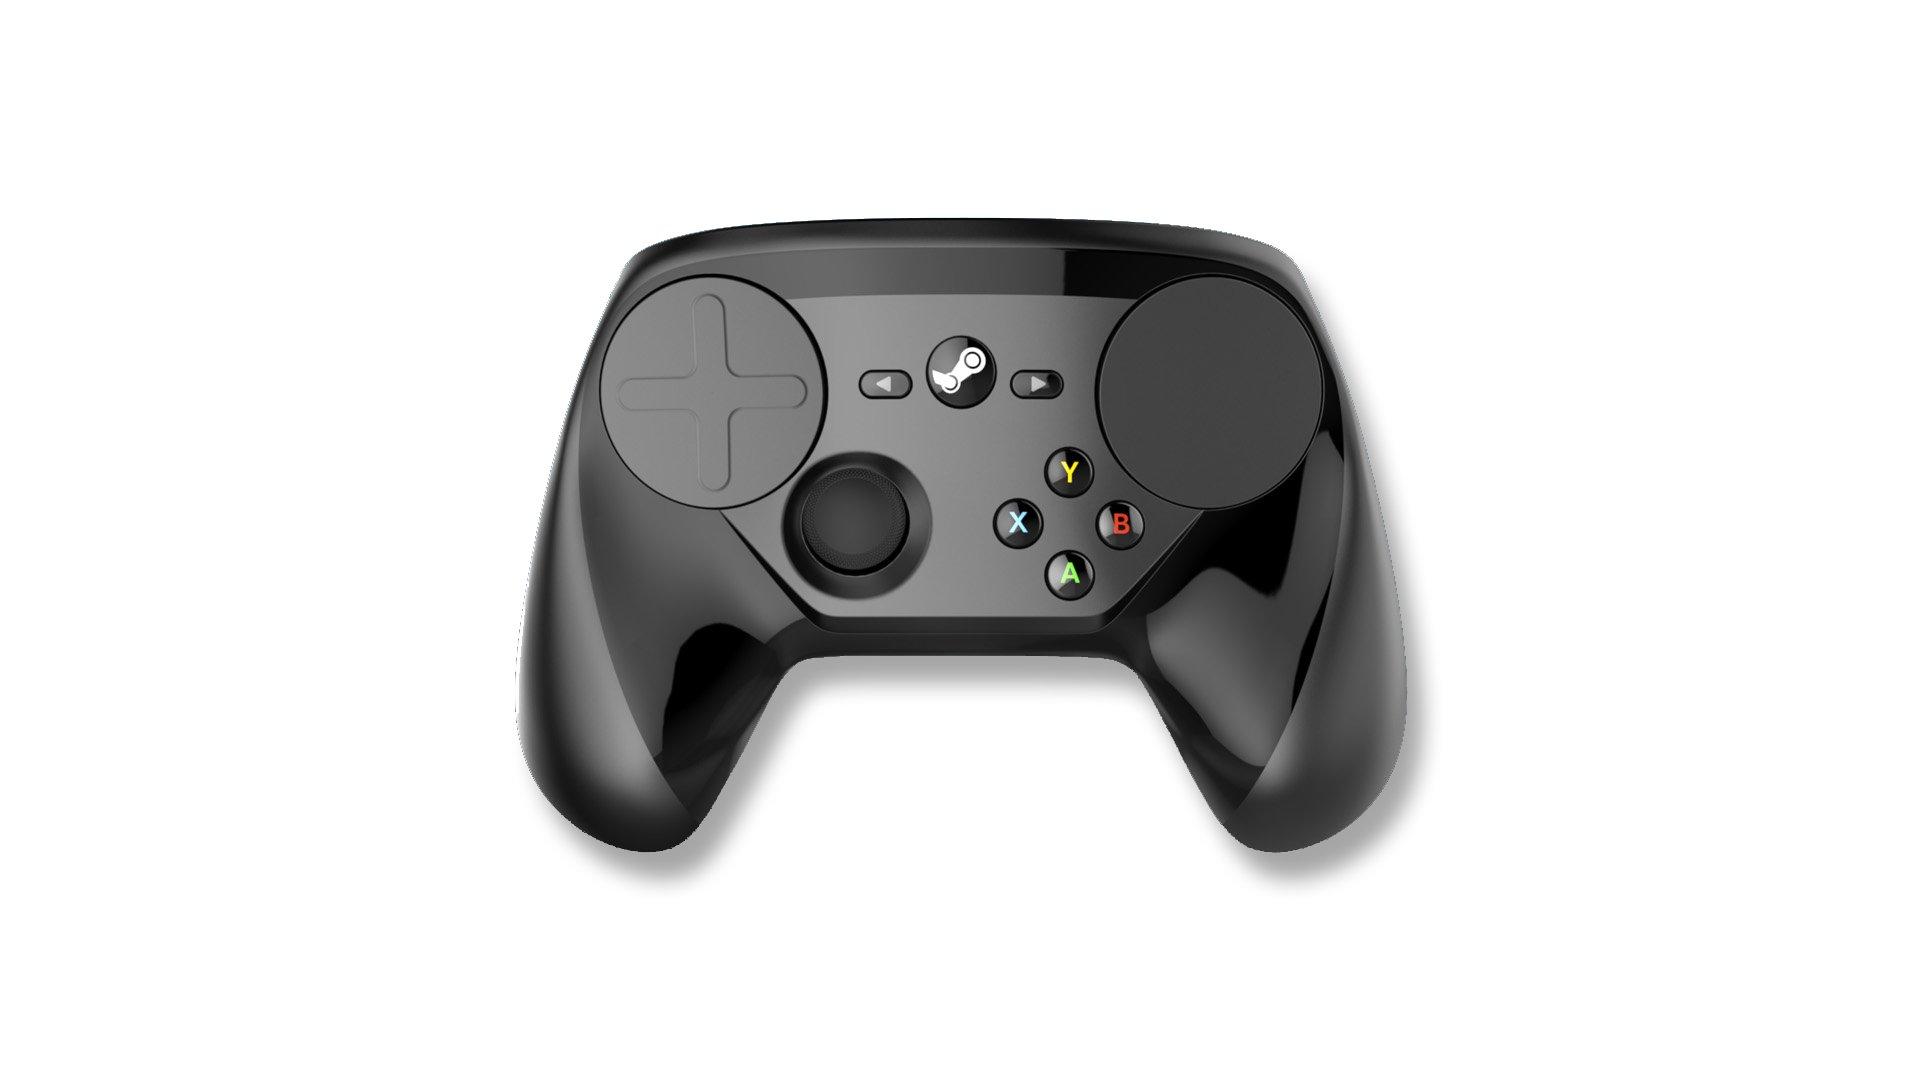 6 1 - 「ゲーム機のコントローラー最強」って何よ?